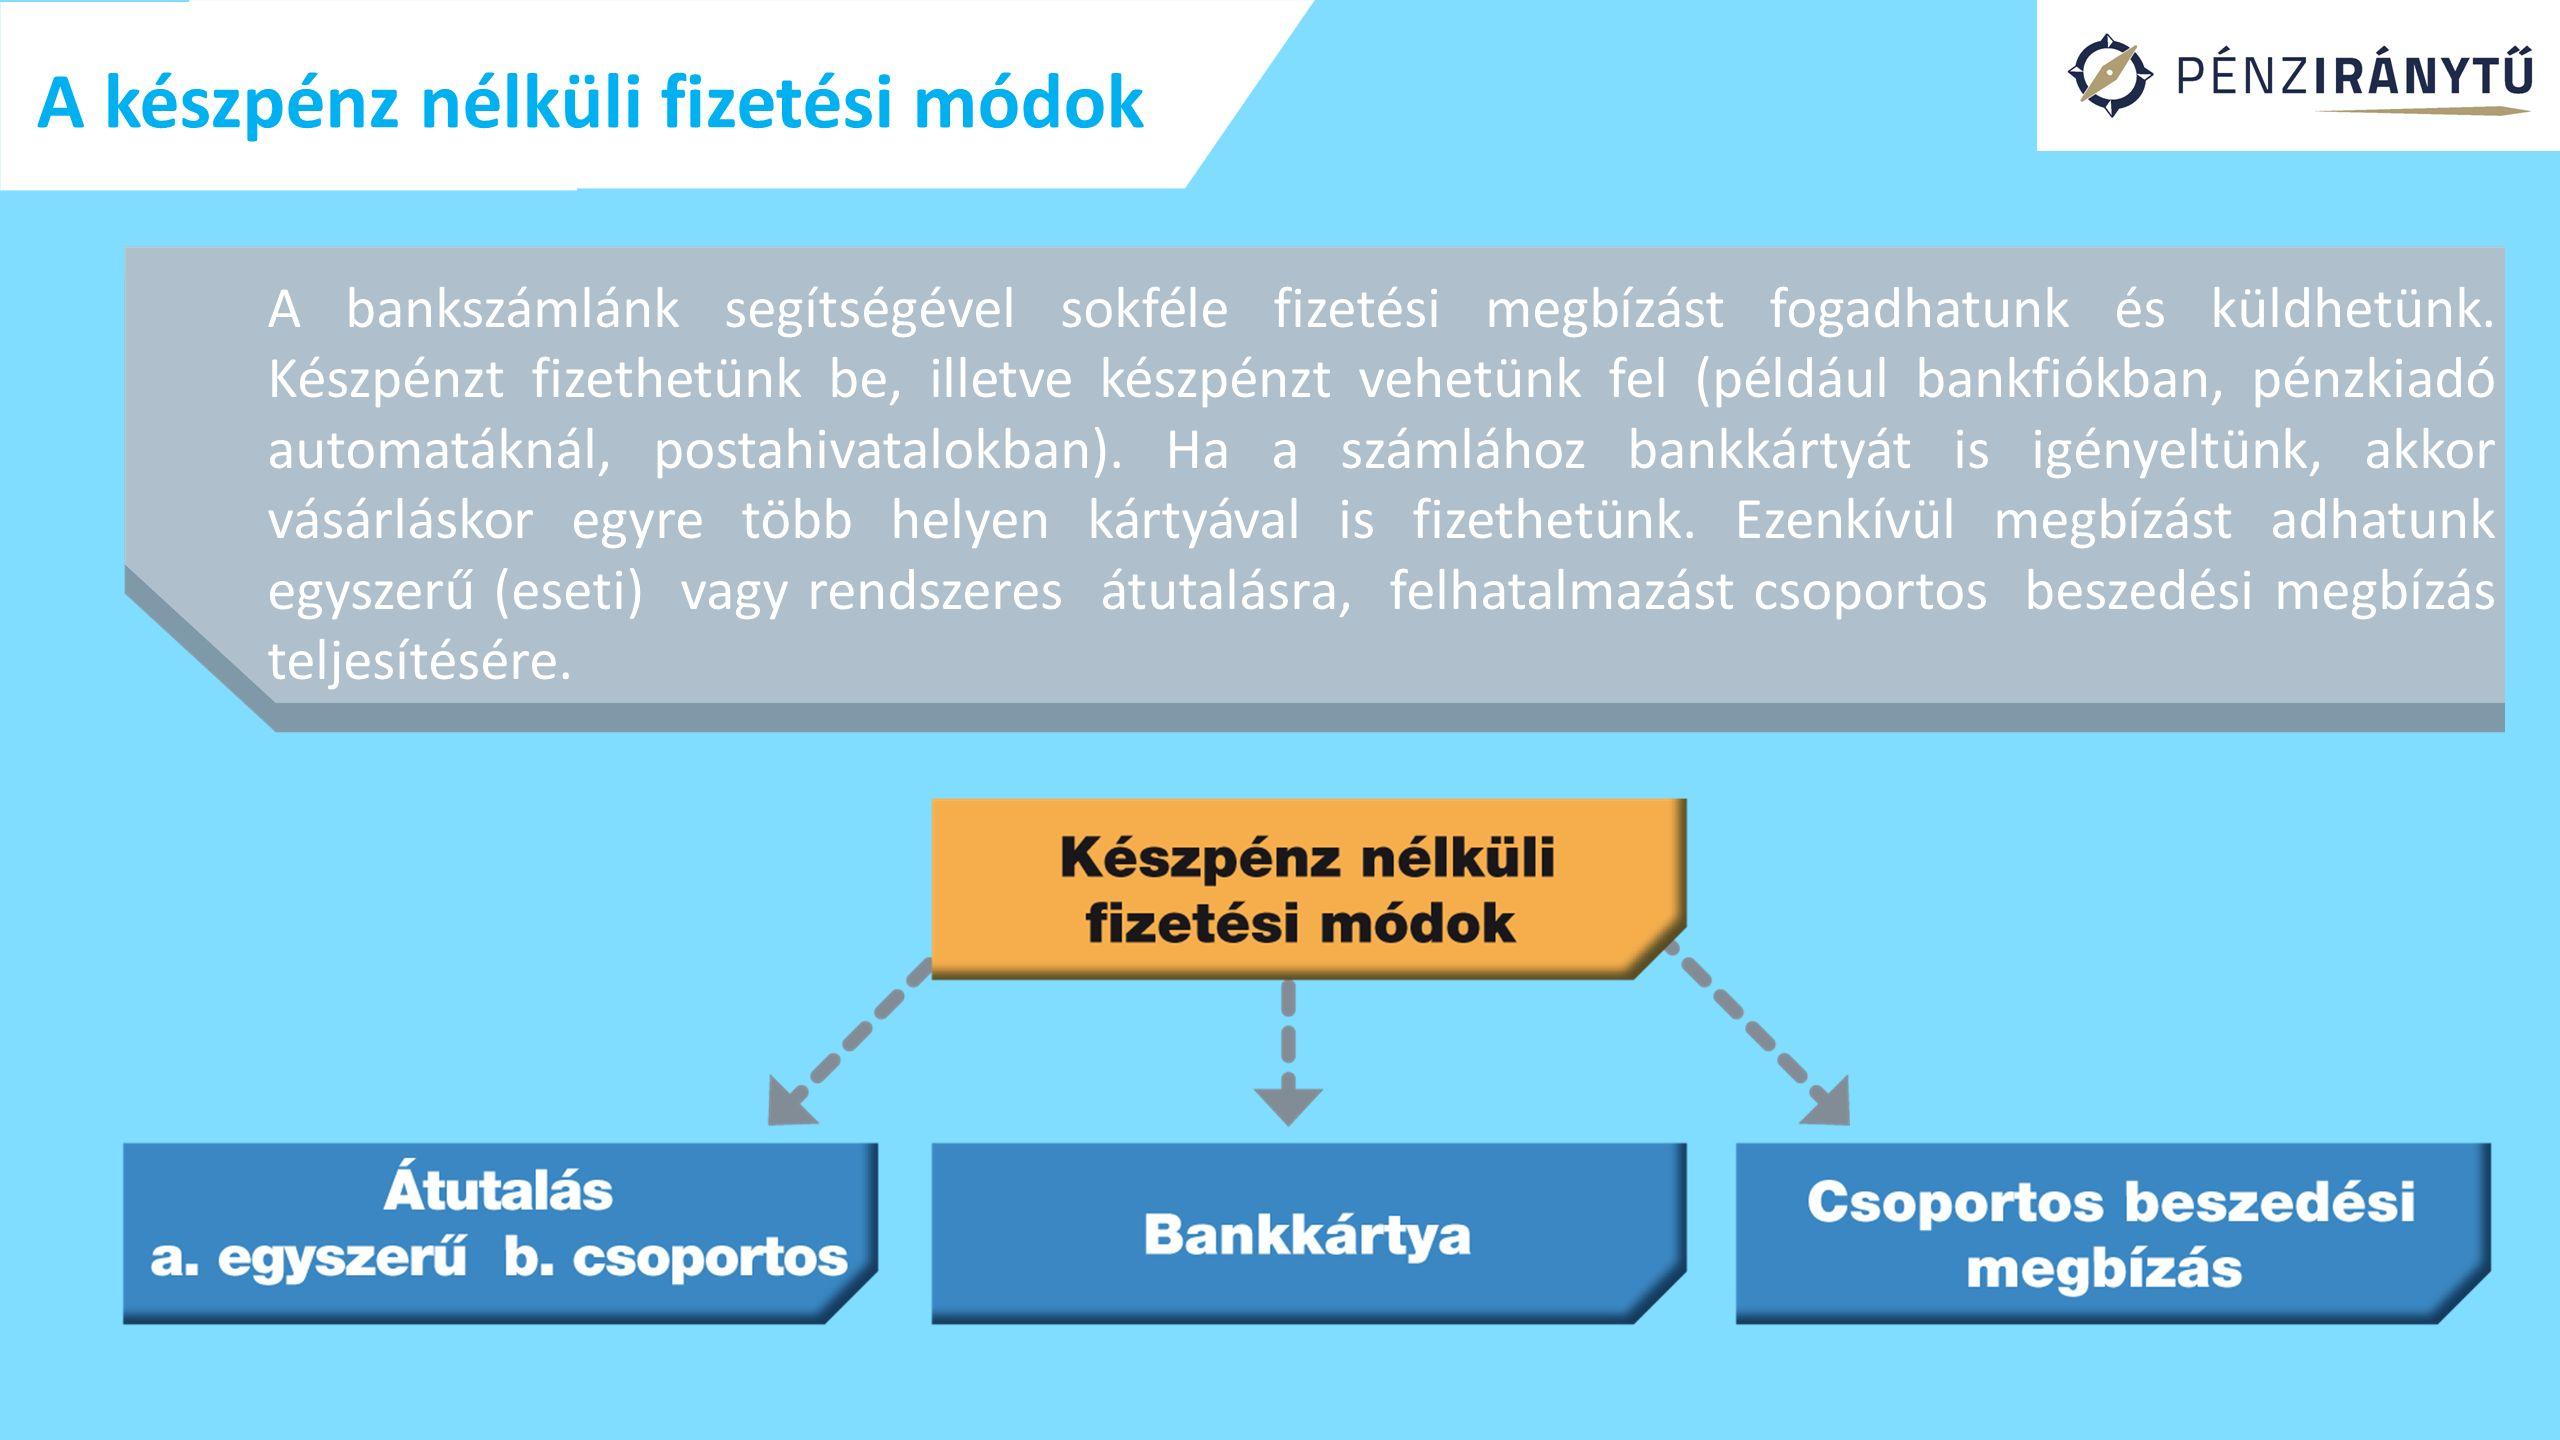 A készpénz nélküli fizetési módok A bankszámlánk segítségével sokféle fizetési megbízást fogadhatunk és küldhetünk. Készpénzt fizethetünk be, illetve